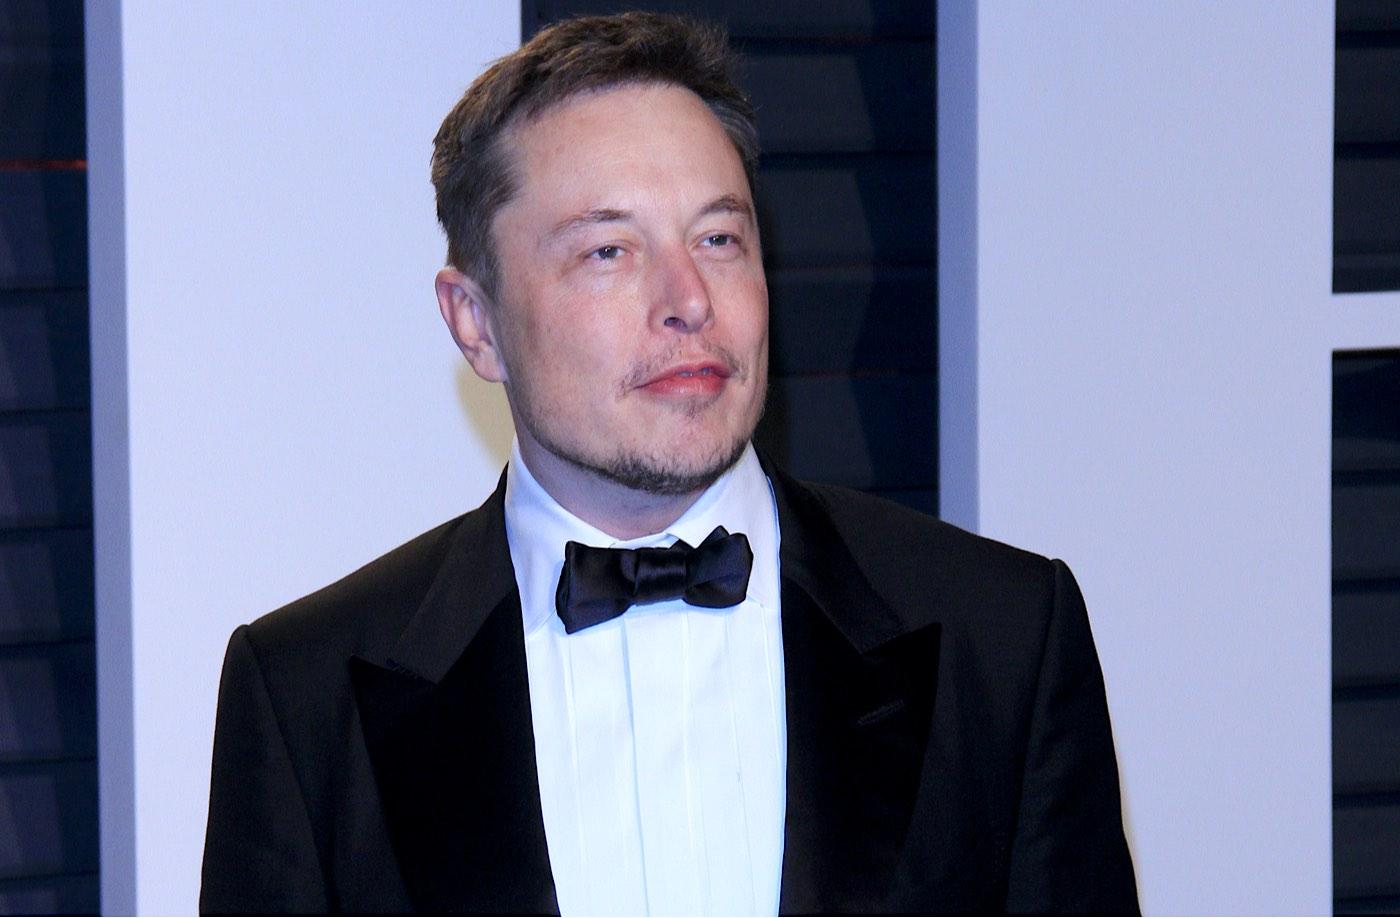 Elon Musk: Multimillonarios que aumentaron sus riquezas en más del 50% desde e Covid-19.